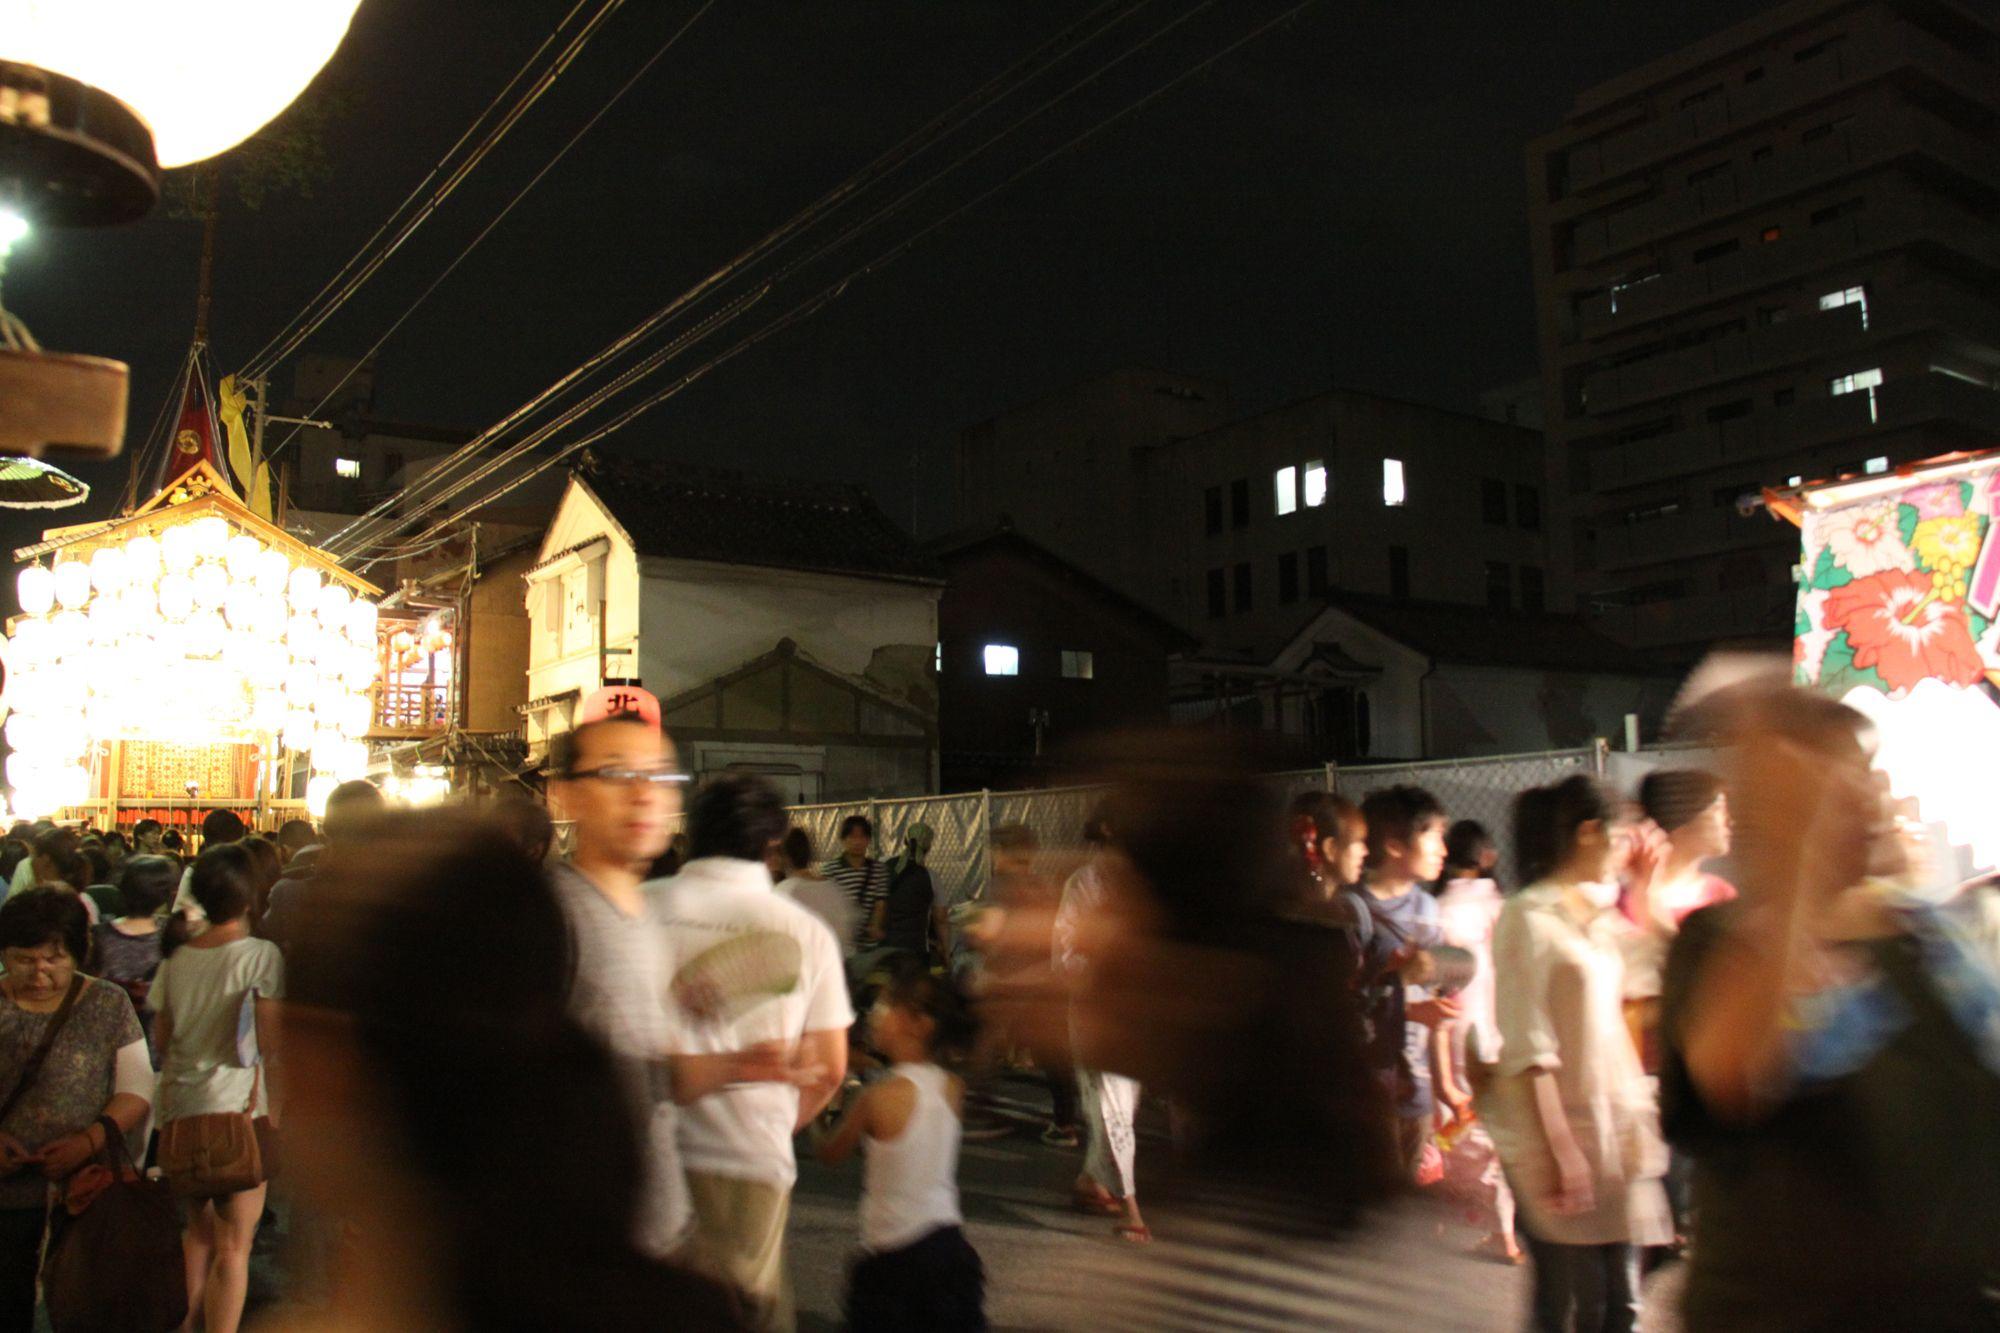 北観音山の松坂屋跡地 噂ではホテルができるとか 祇園祭 京都 Kyoto Gion Festival 松坂屋 京都 とか